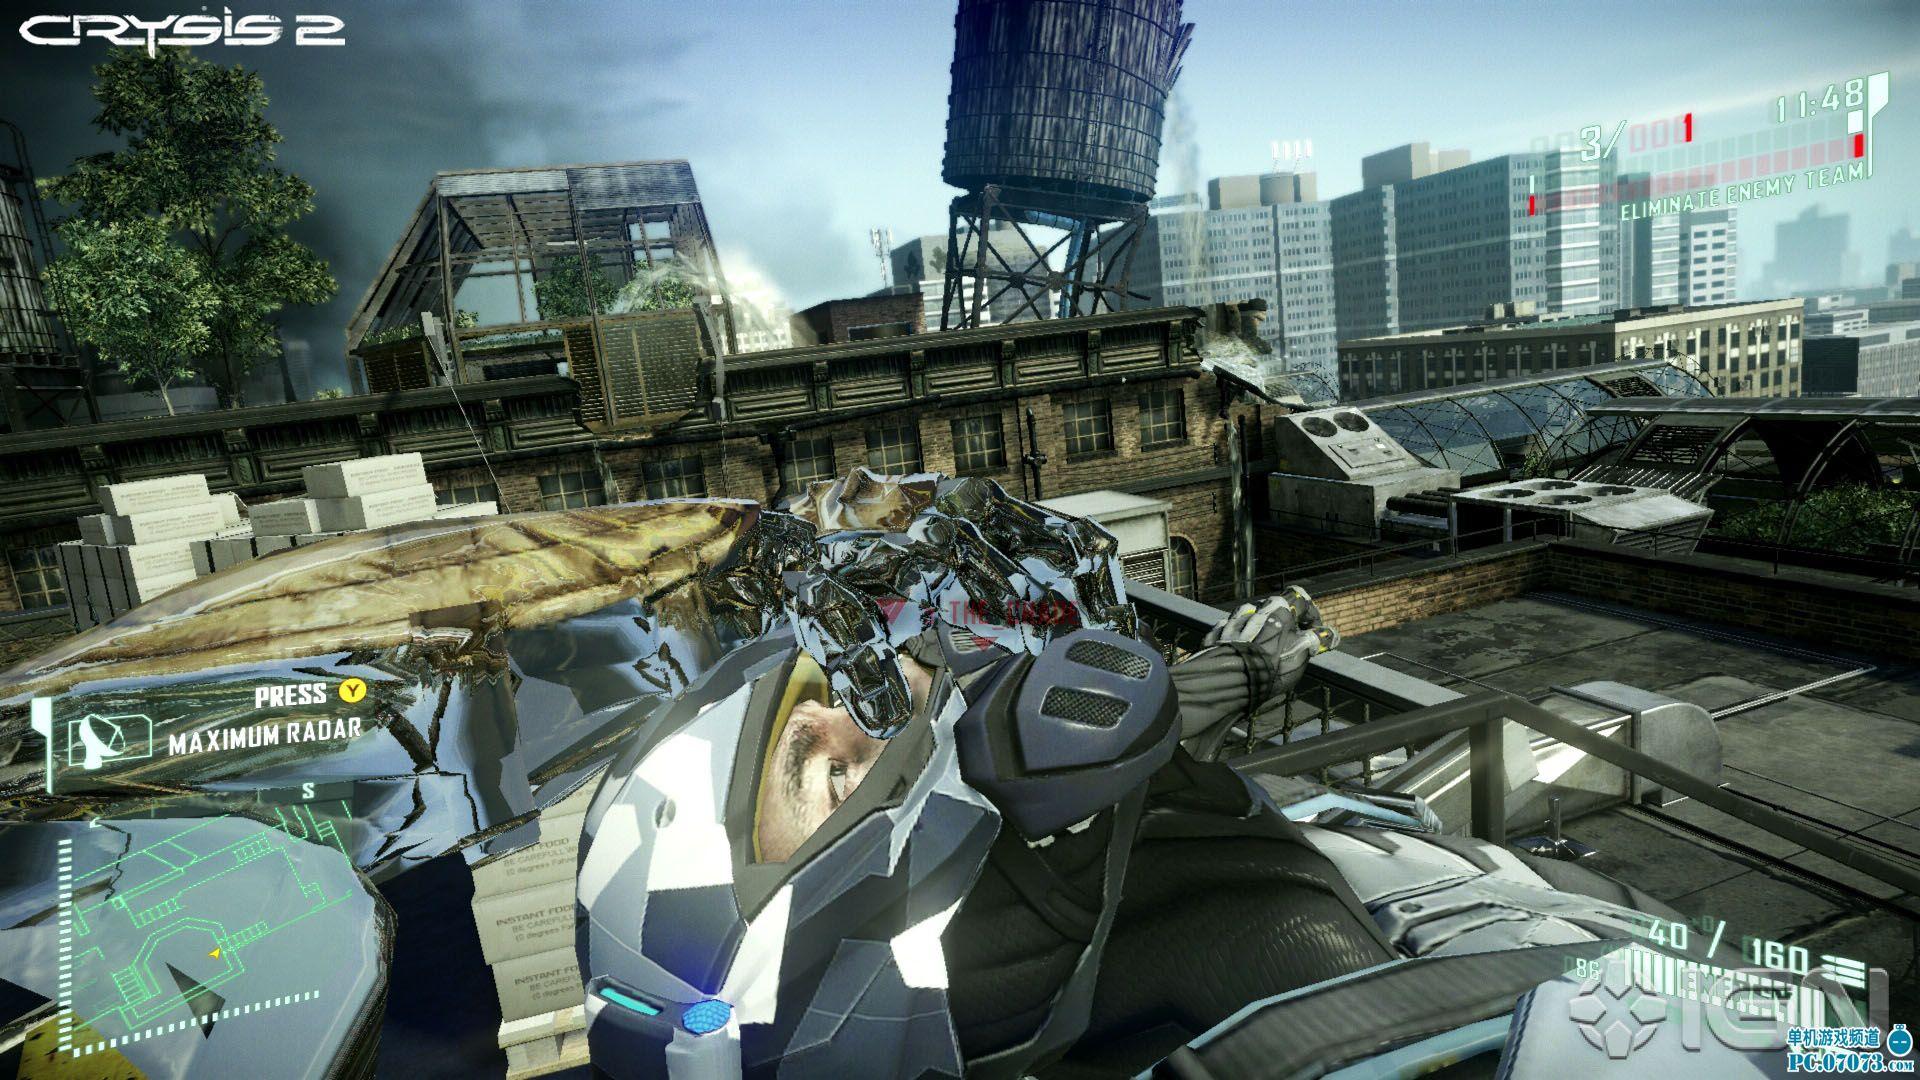 ign评《孤岛危机2》多人游戏:超级英雄沙盒!